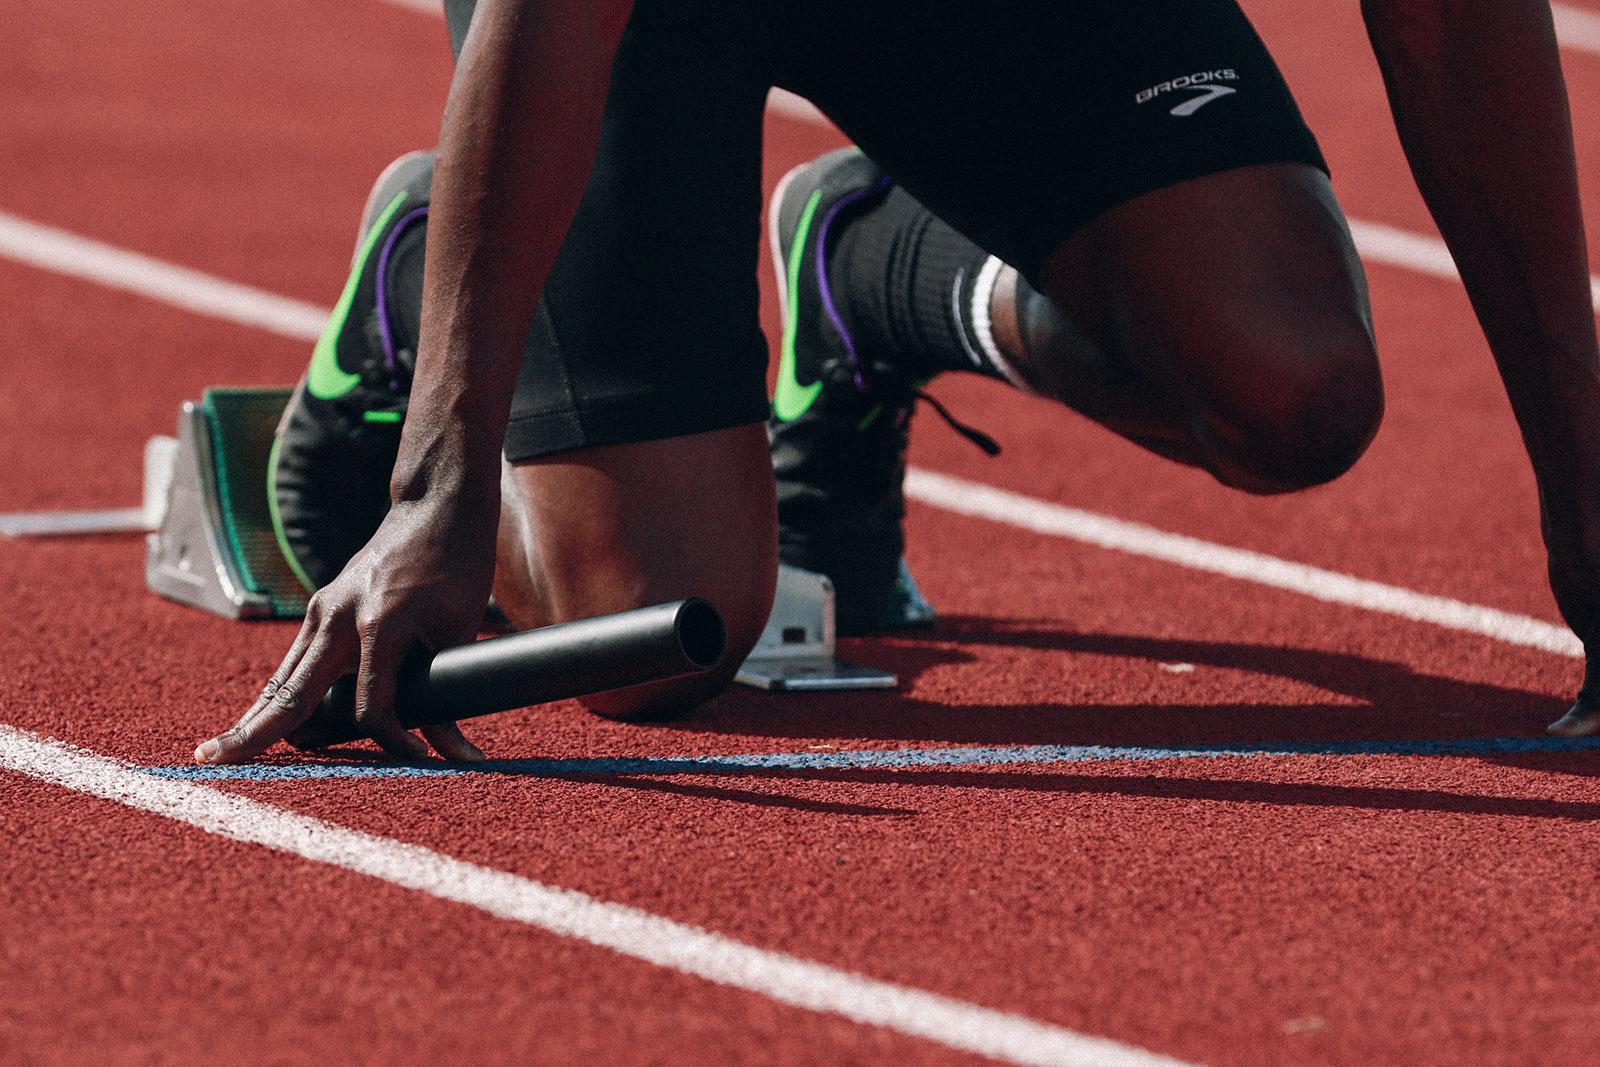 För lågt energiintag hos idrottare